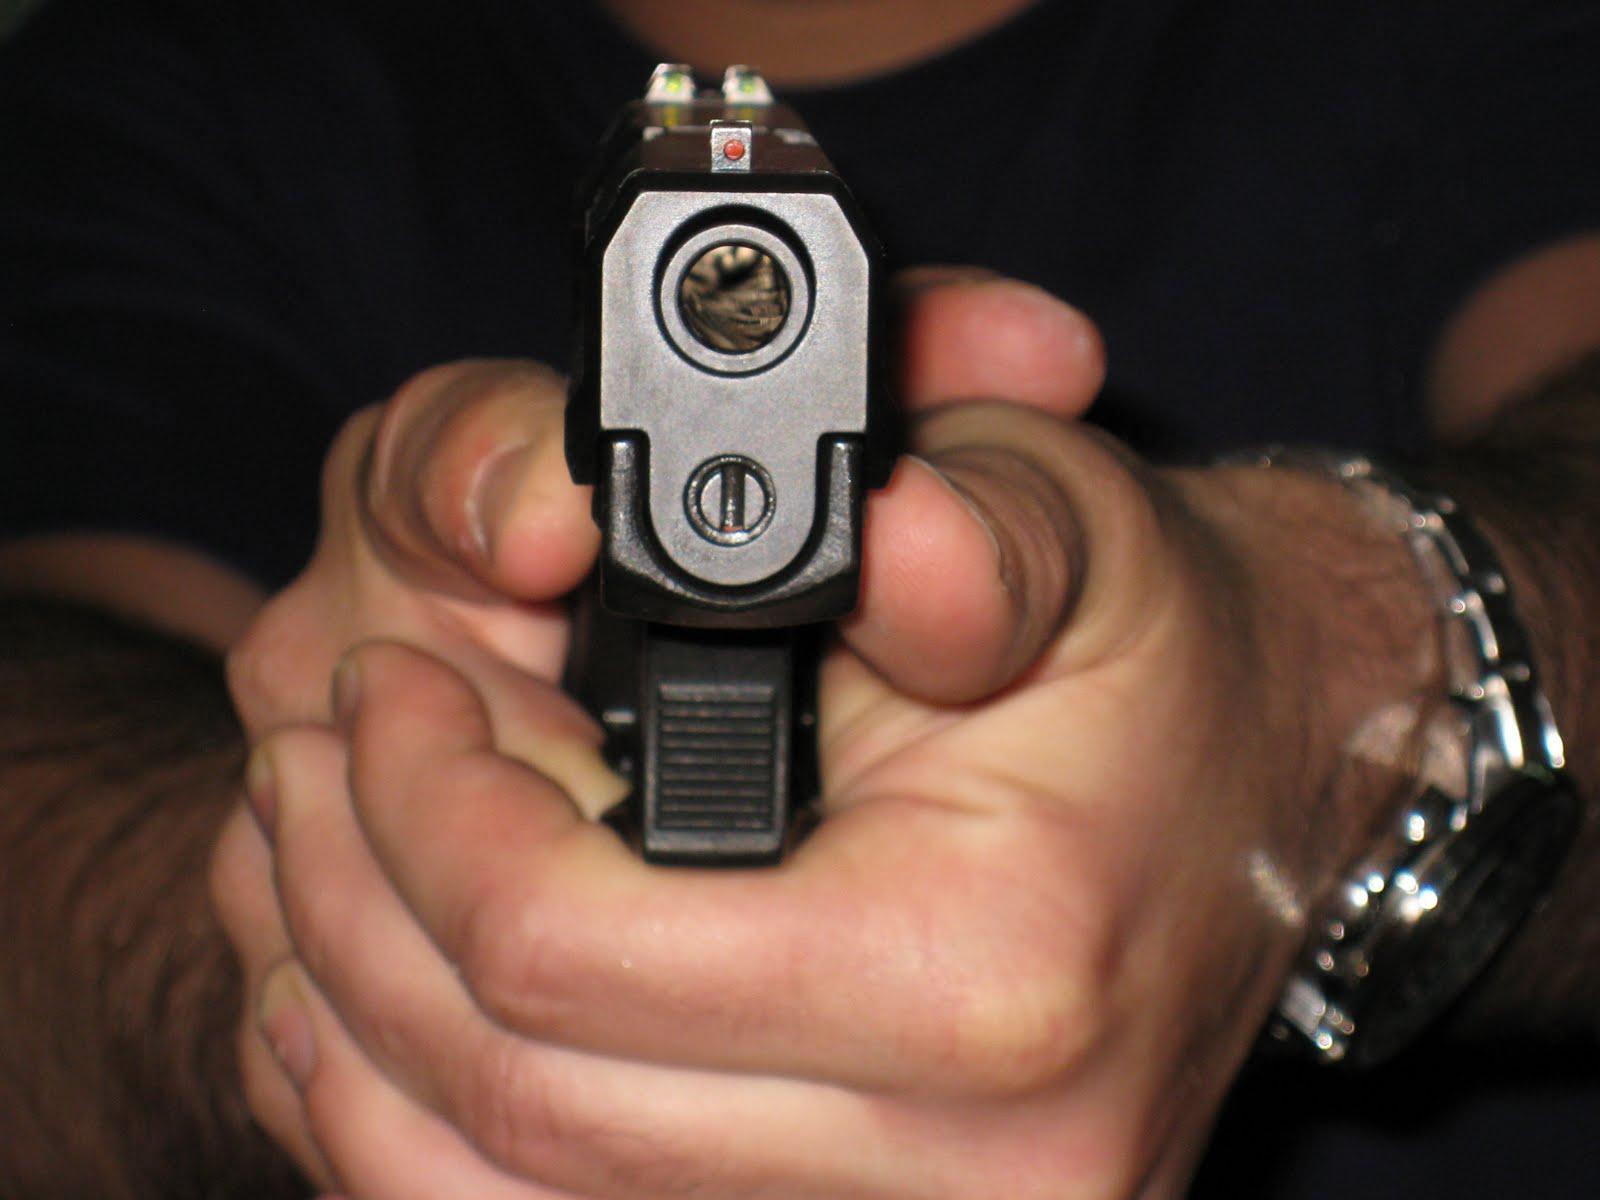 Tiro policial y tactico el empu amiento de pistola - Pistola para lacar ...